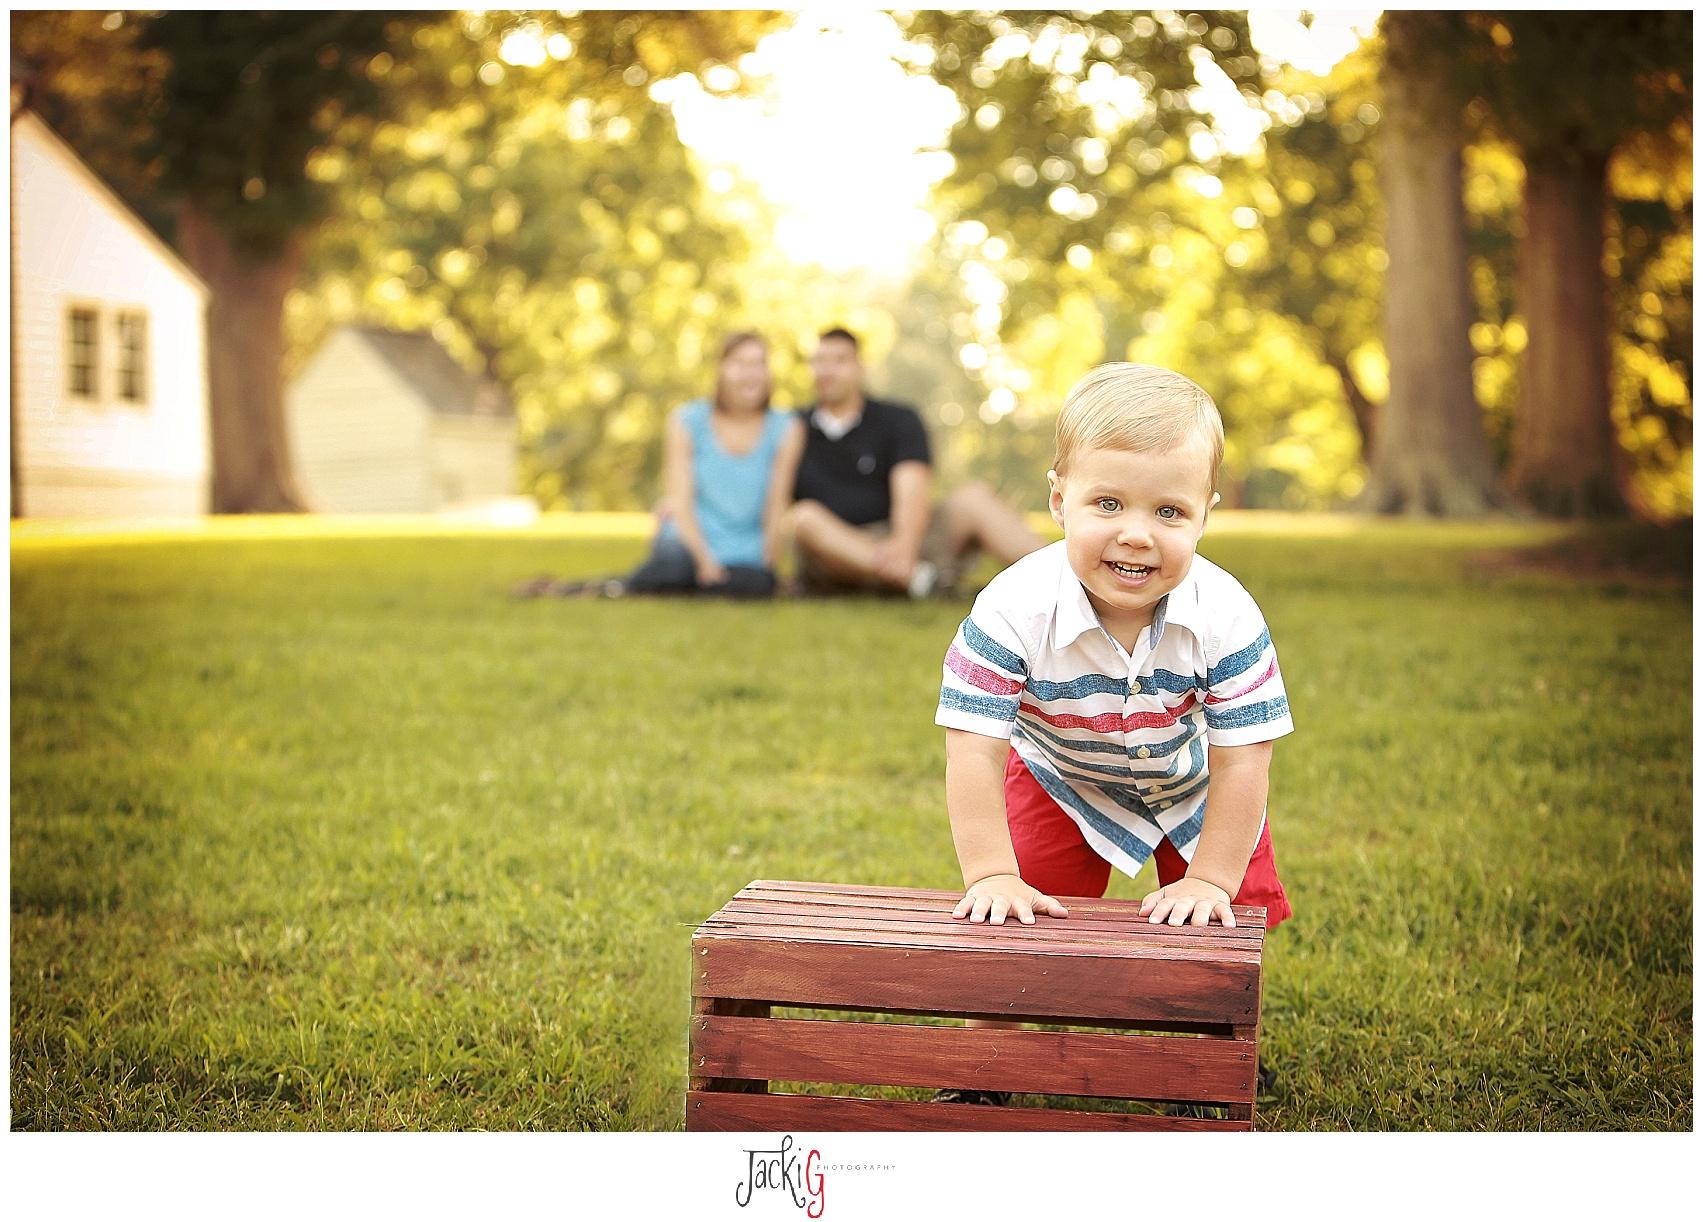 #toddlerphotography #jackigphotography